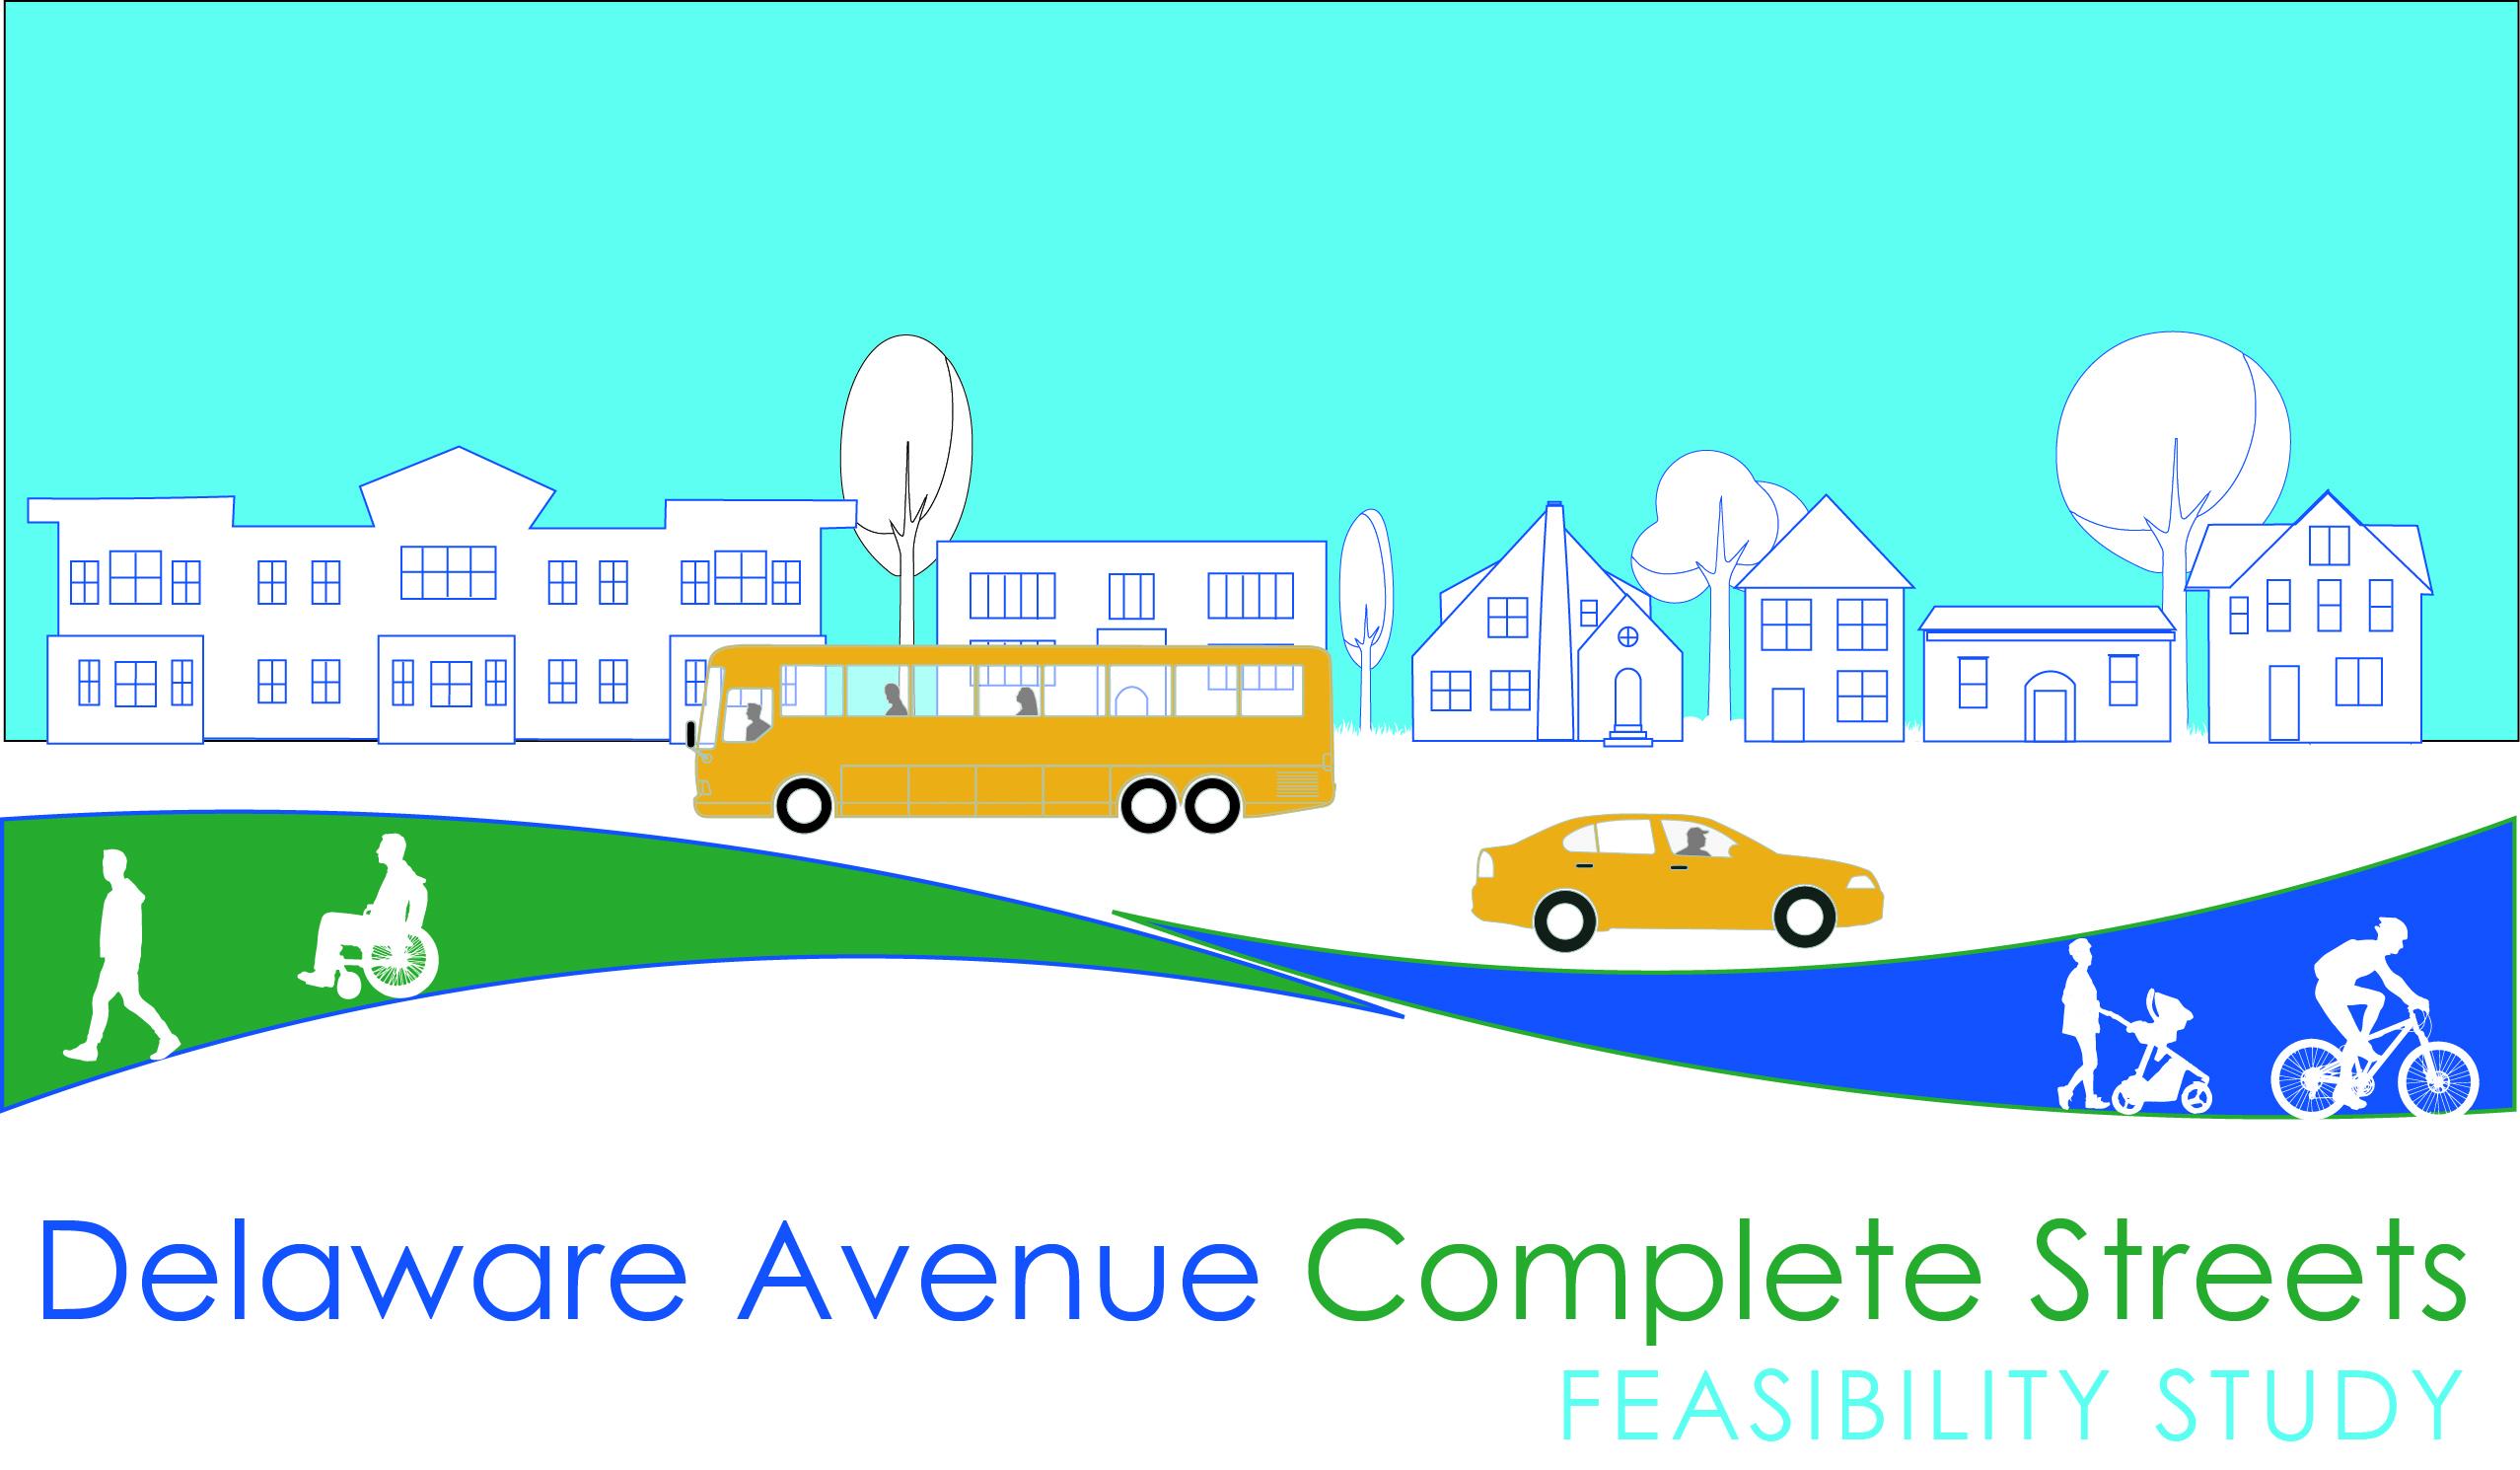 Delaware Avenue Complete Streets